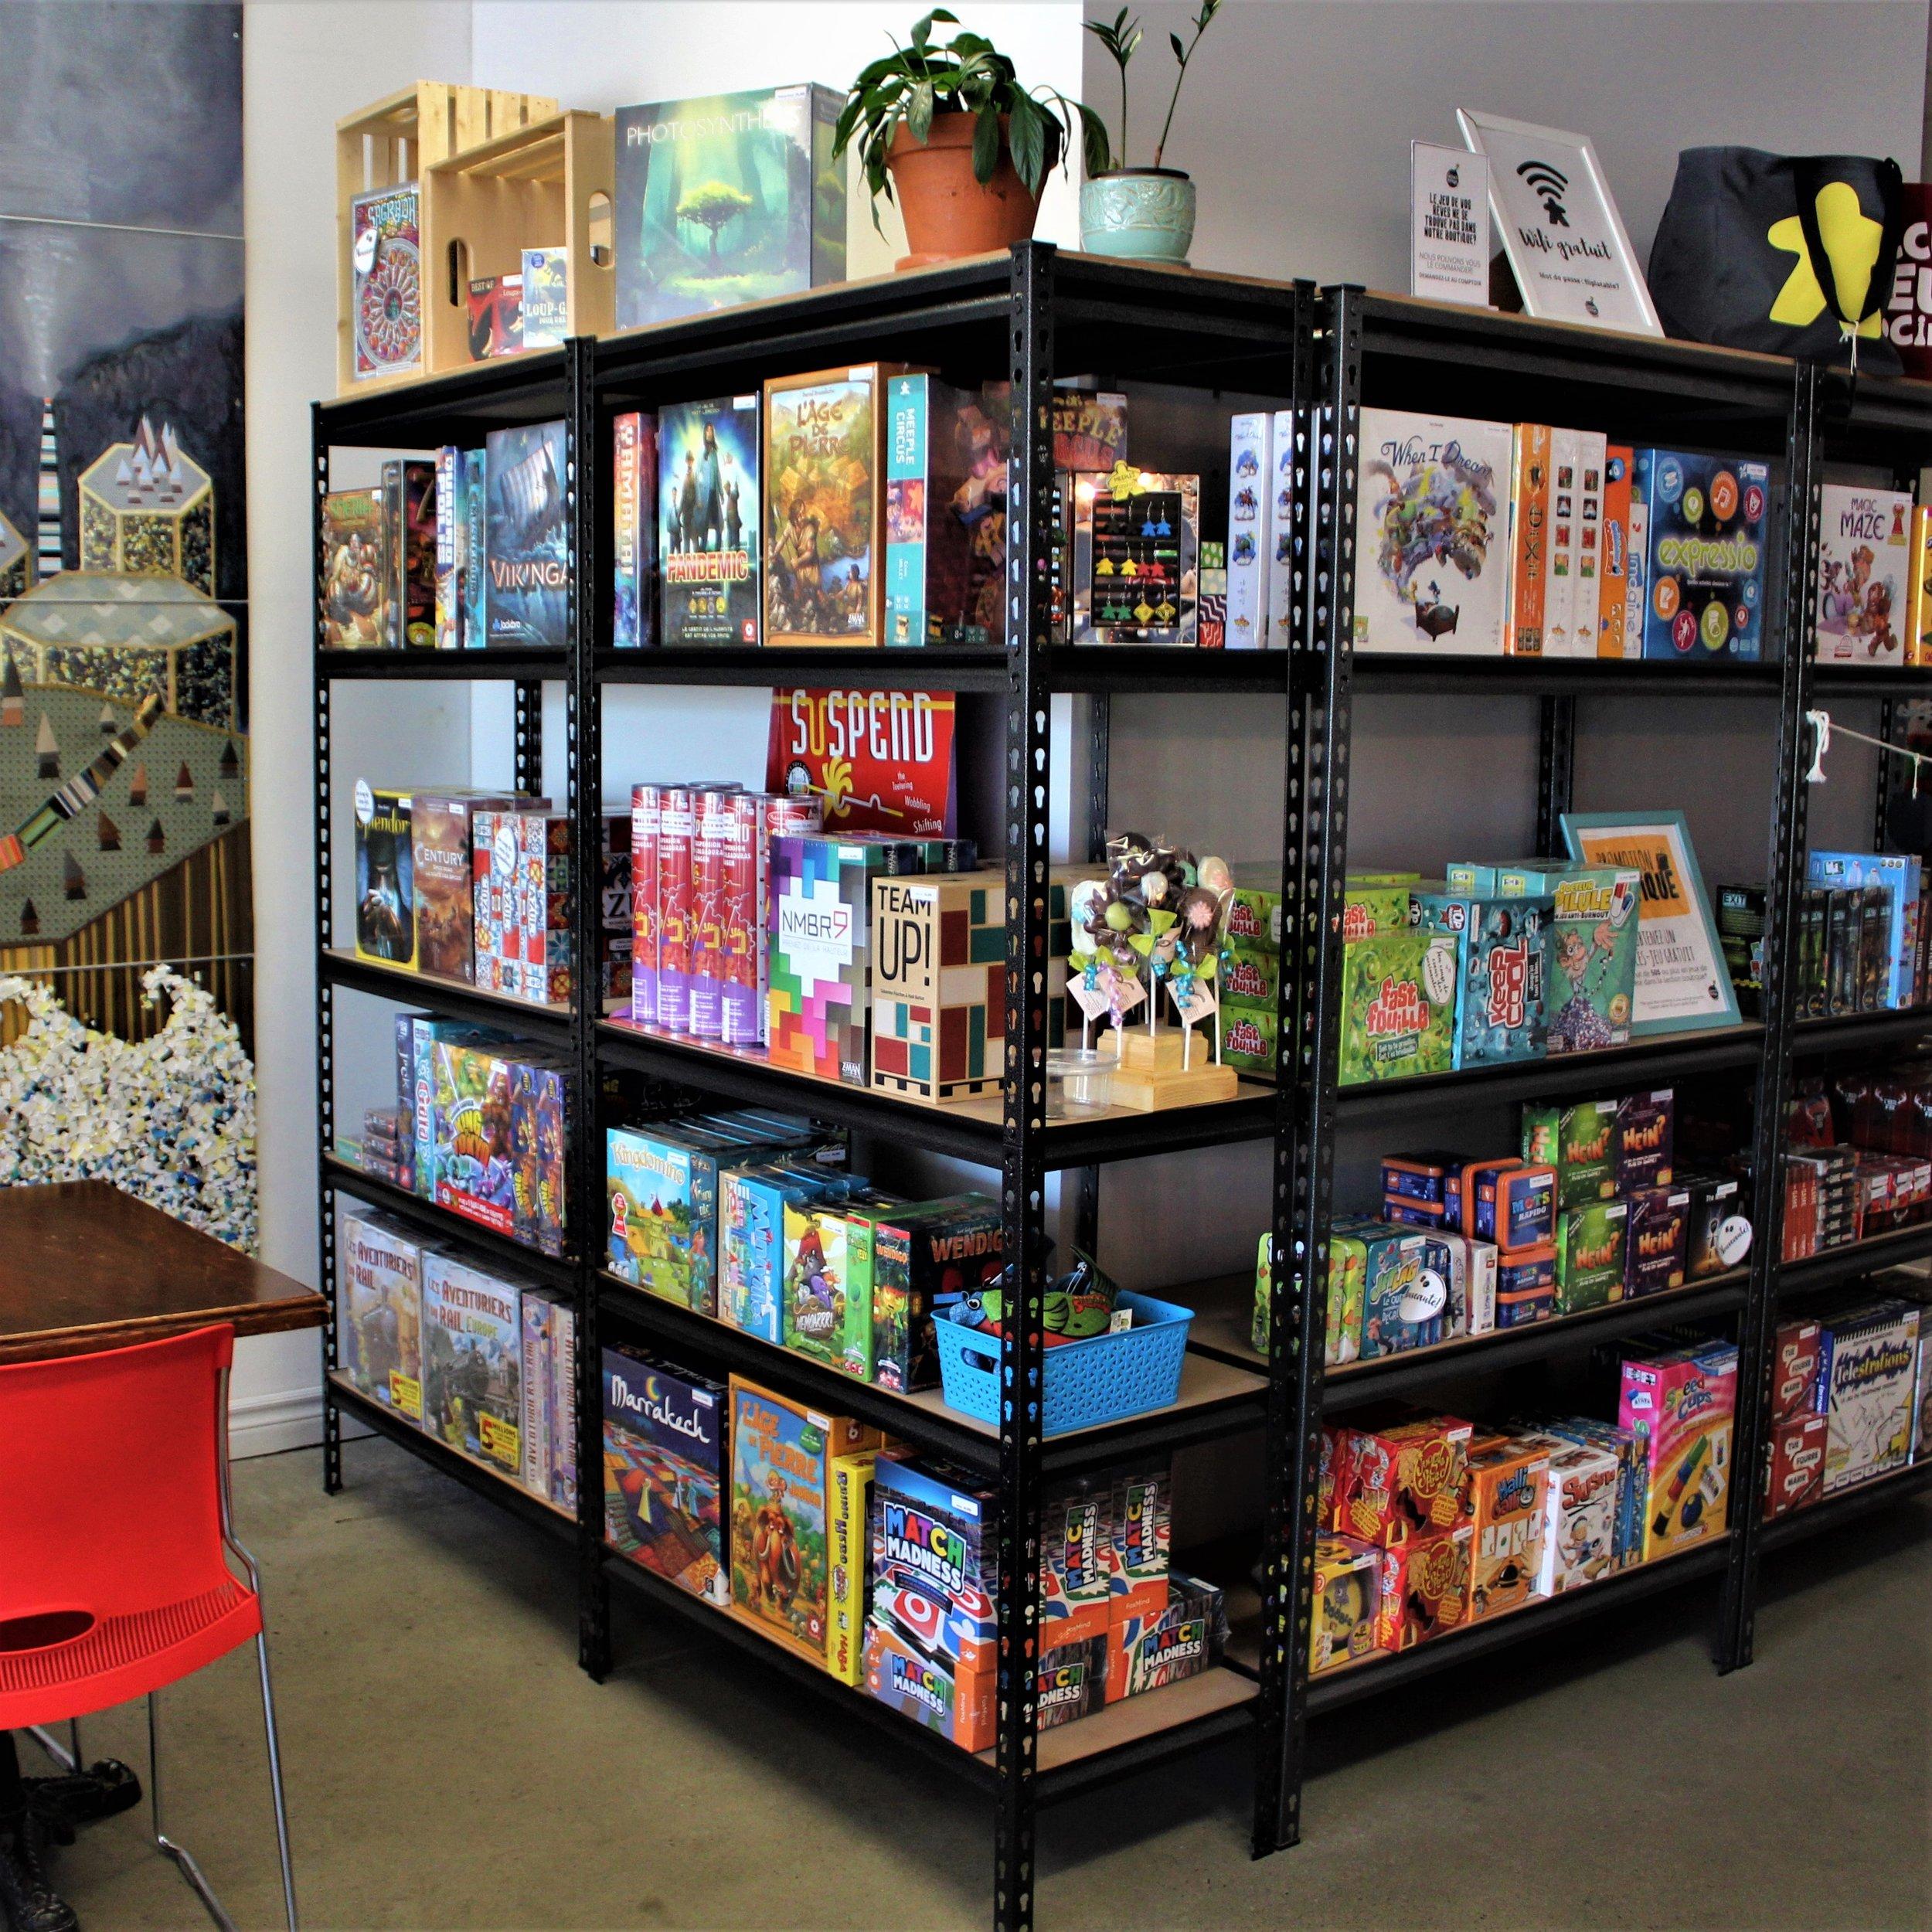 SectionBOUTIQUE - Pour poursuivre le plaisir en dehors des heures d'ouverture du café, notre section boutique vous permet d'acheter le jeu de vos rêves sur place et de le rapporter fièrement à la maison.